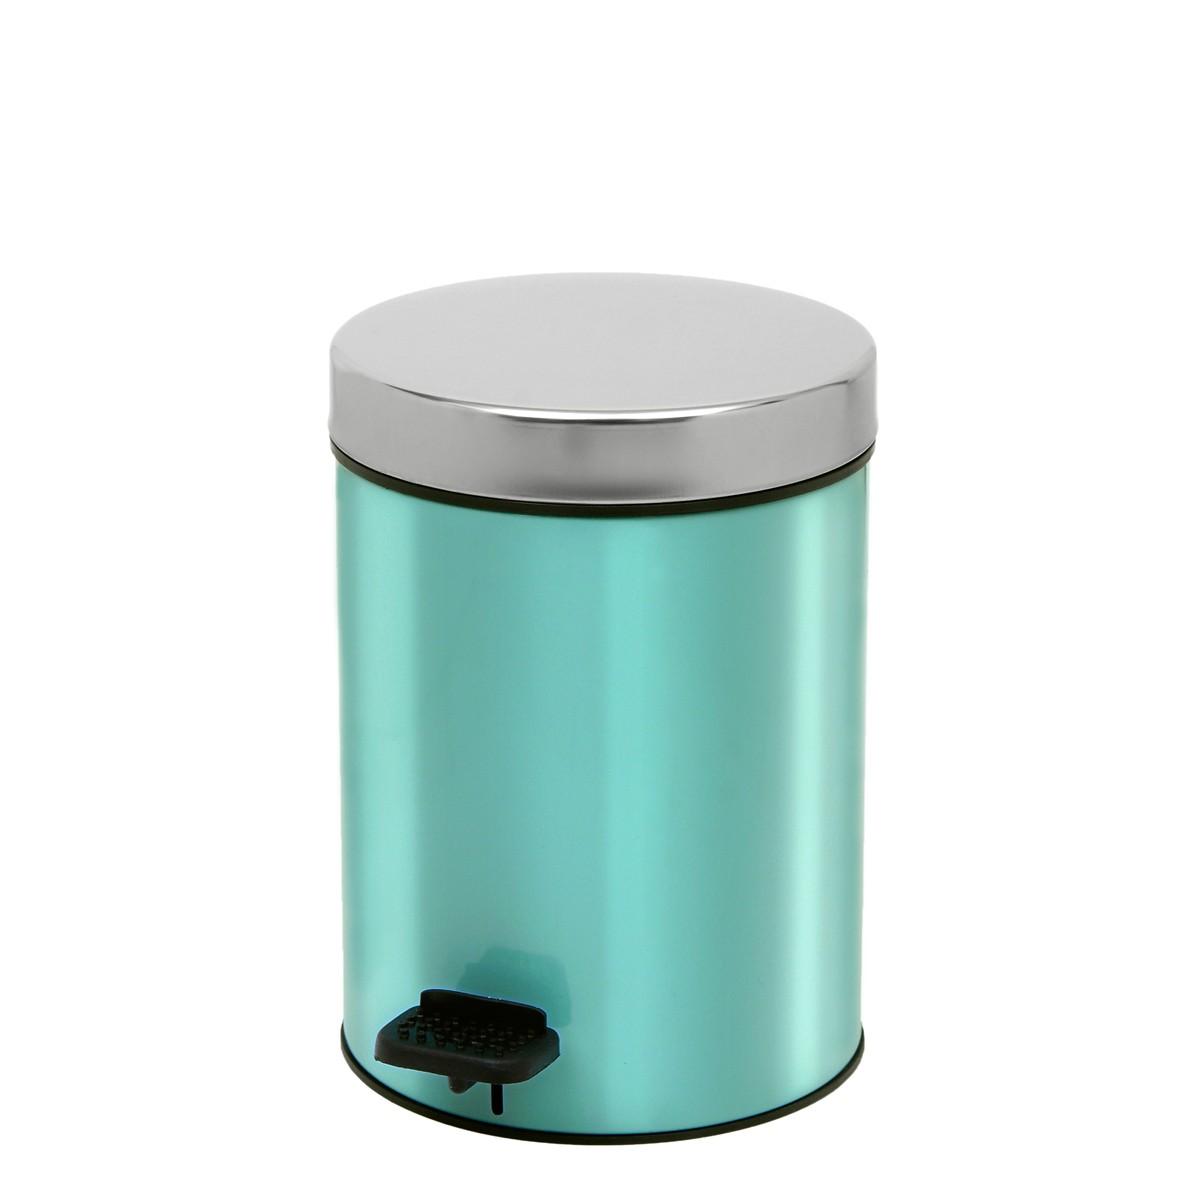 Κάδος Απορριμάτων (18x25) PamCo 3Lit 126 Turquoise